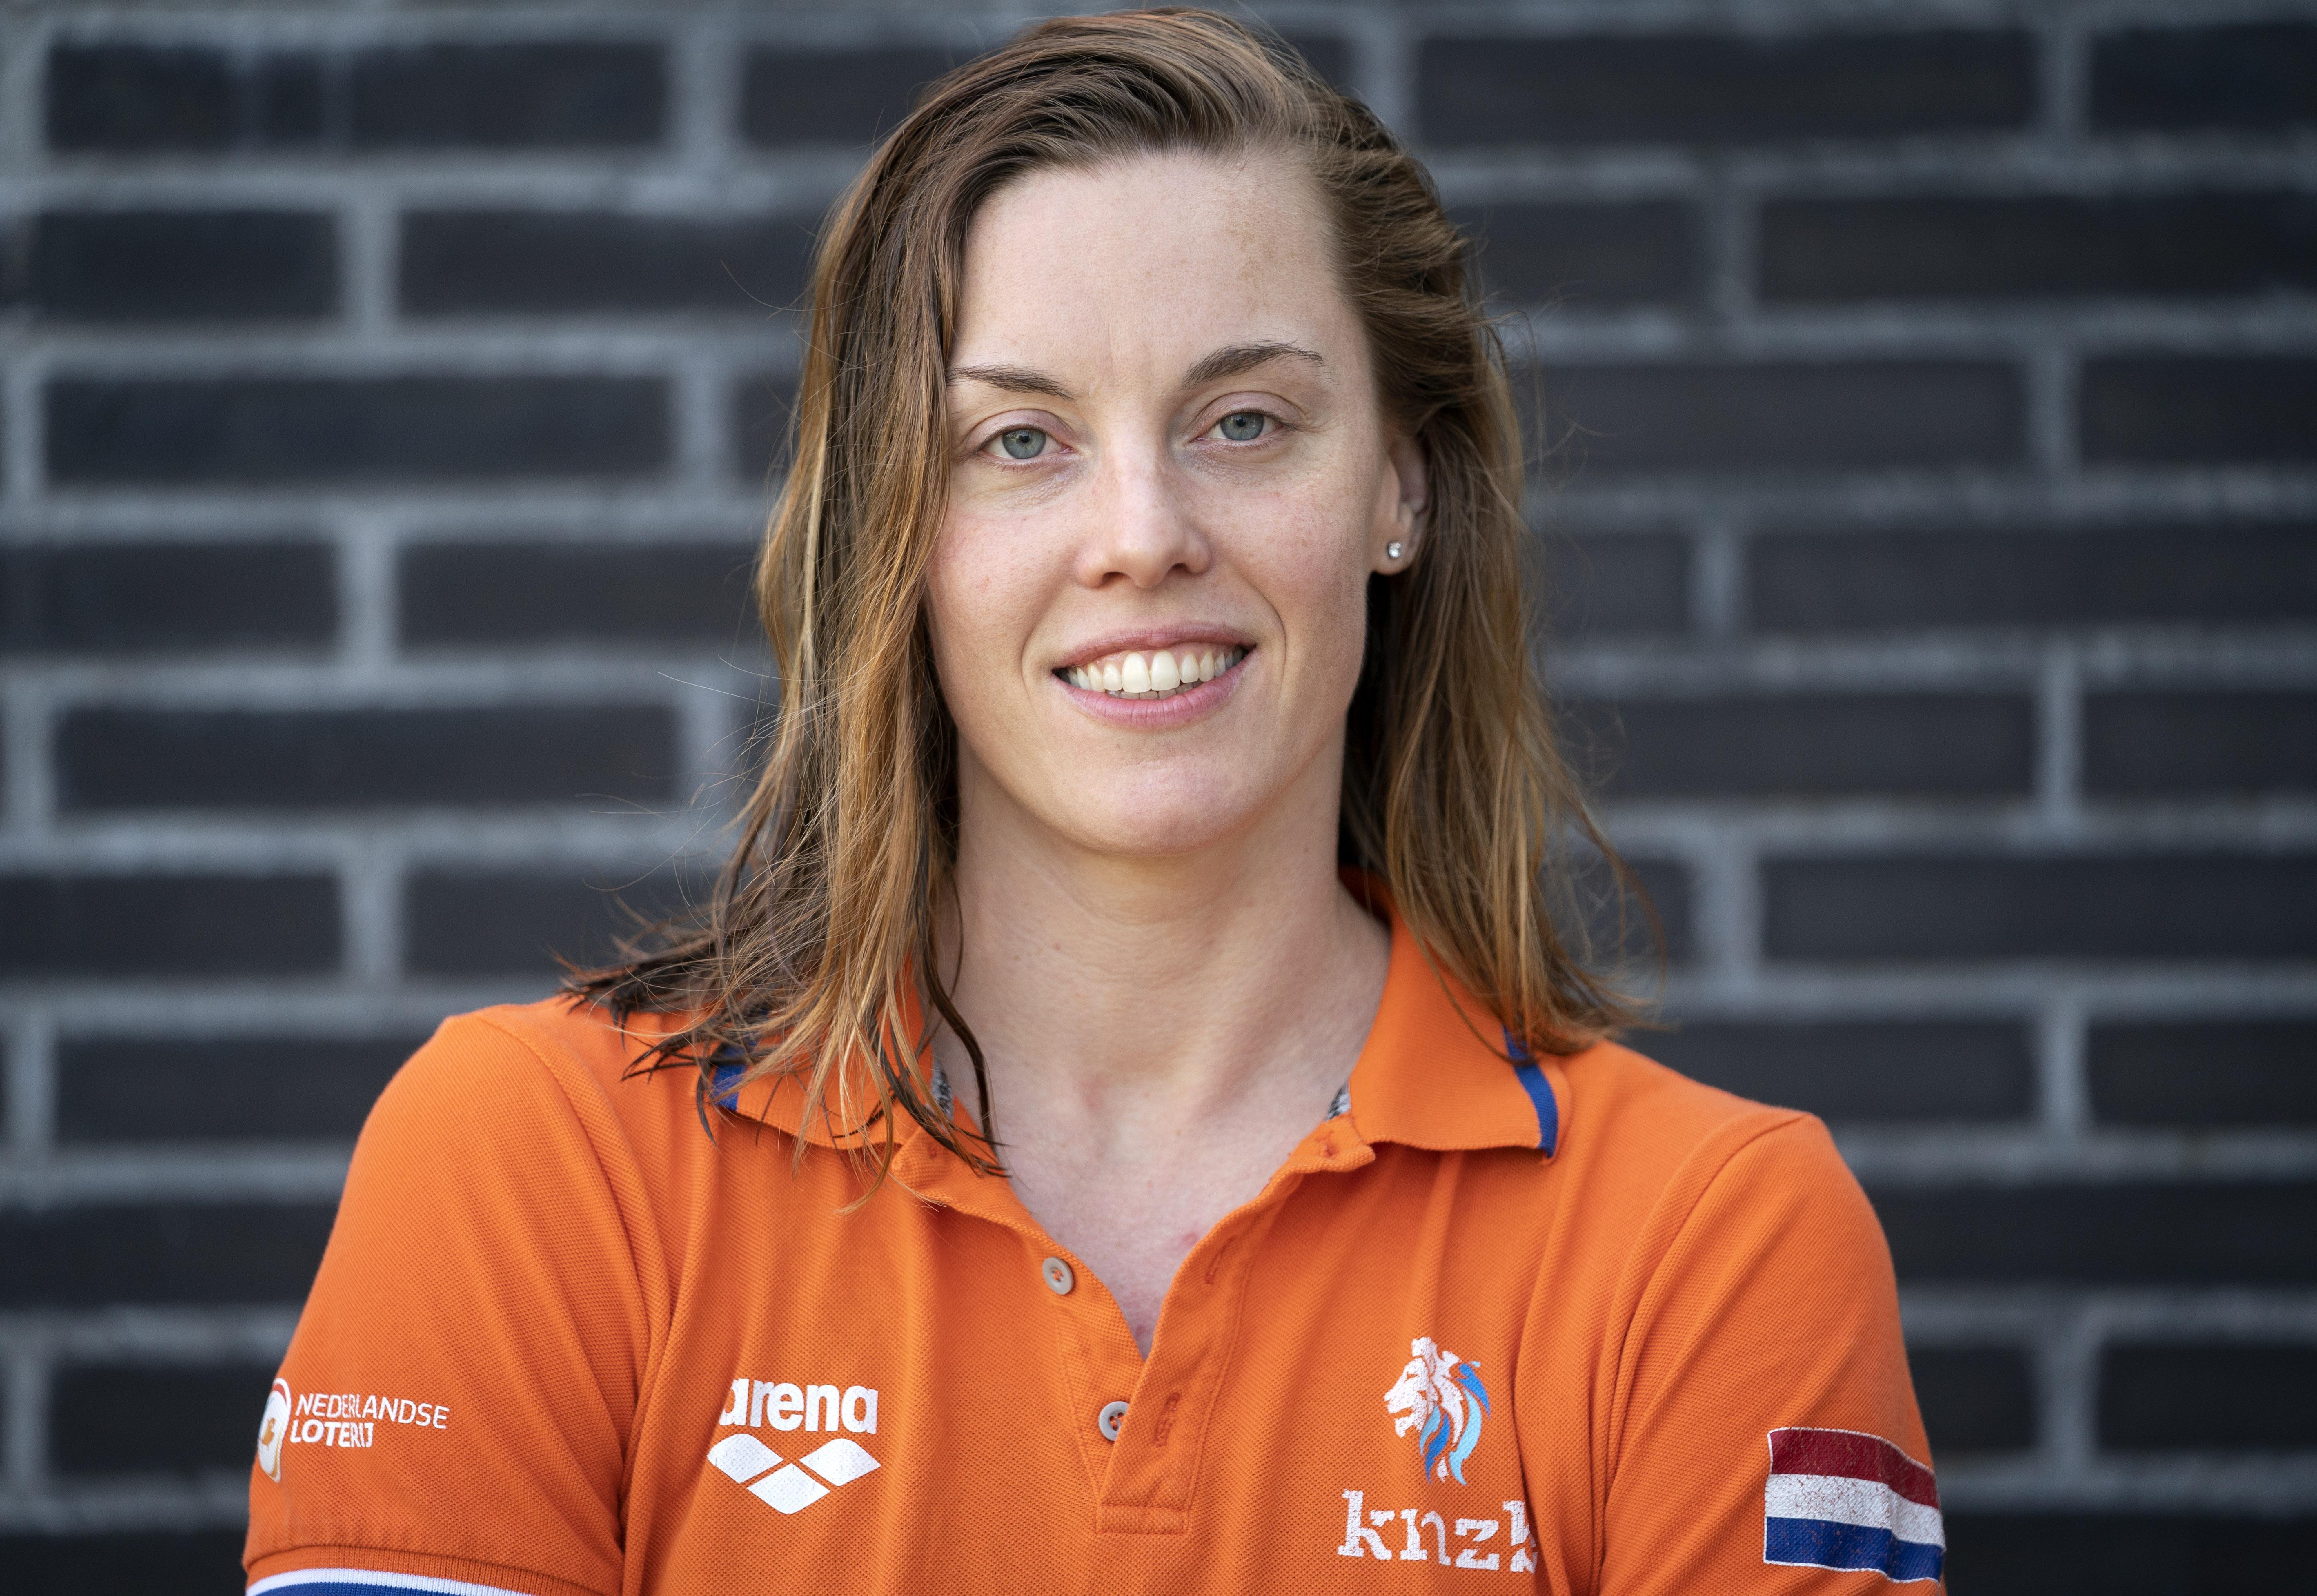 Zwemster Heemskerk meldt zich af voor 50 meter vrije slag